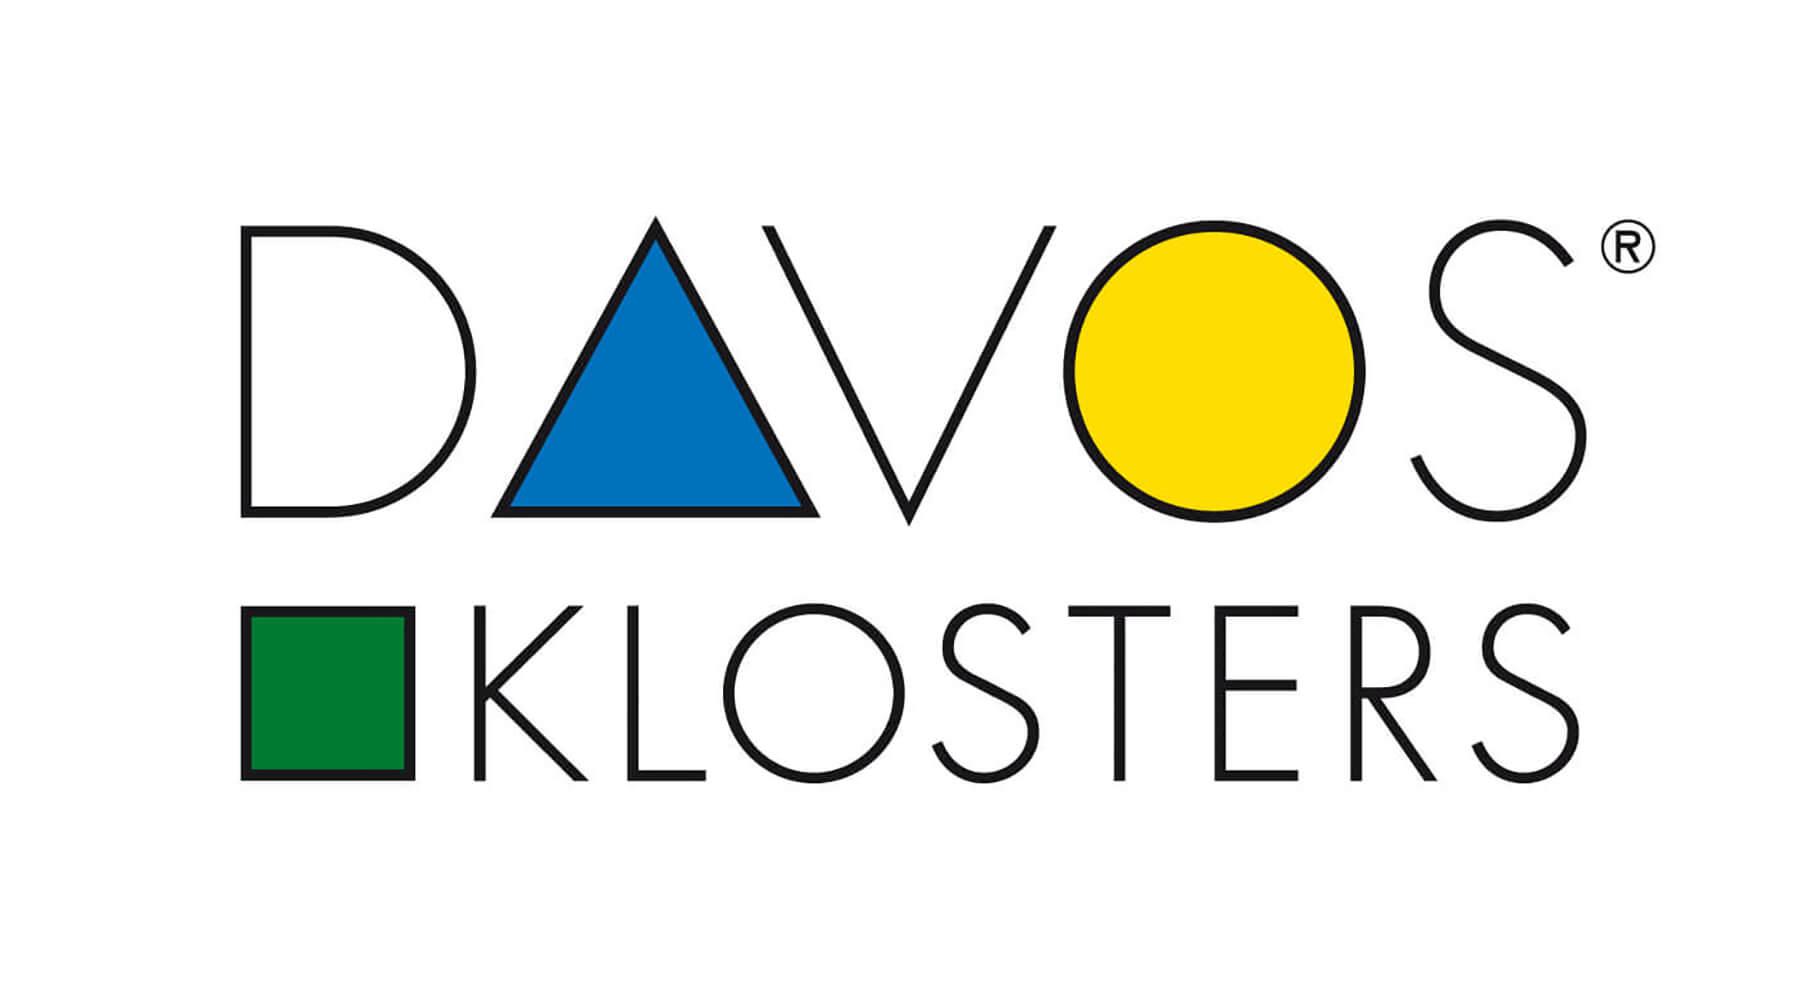 Logo zu Davos Klosters – Sportlich und vielseitig